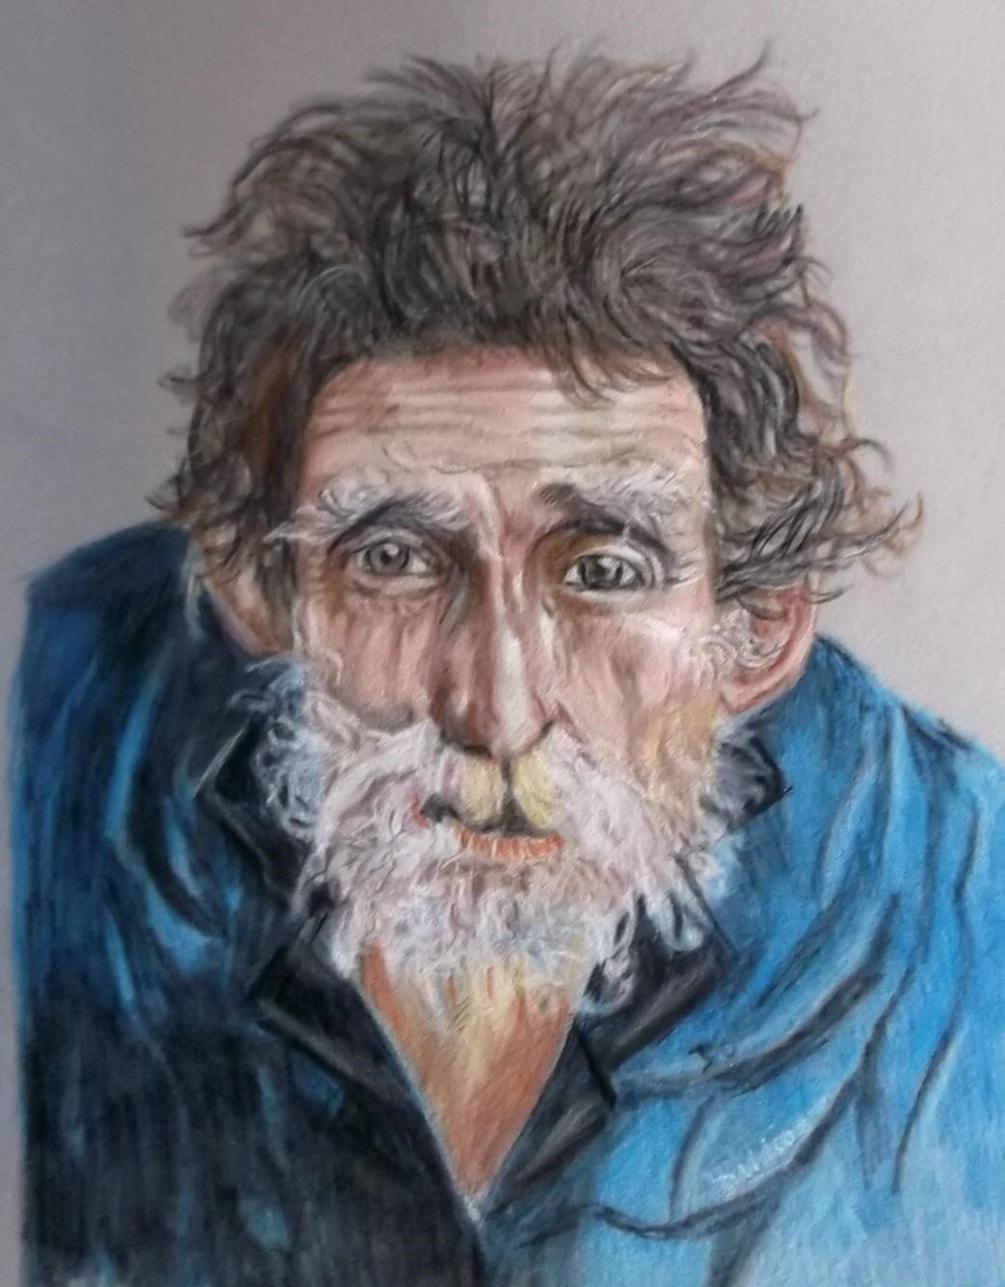 The Despair of Homelessness